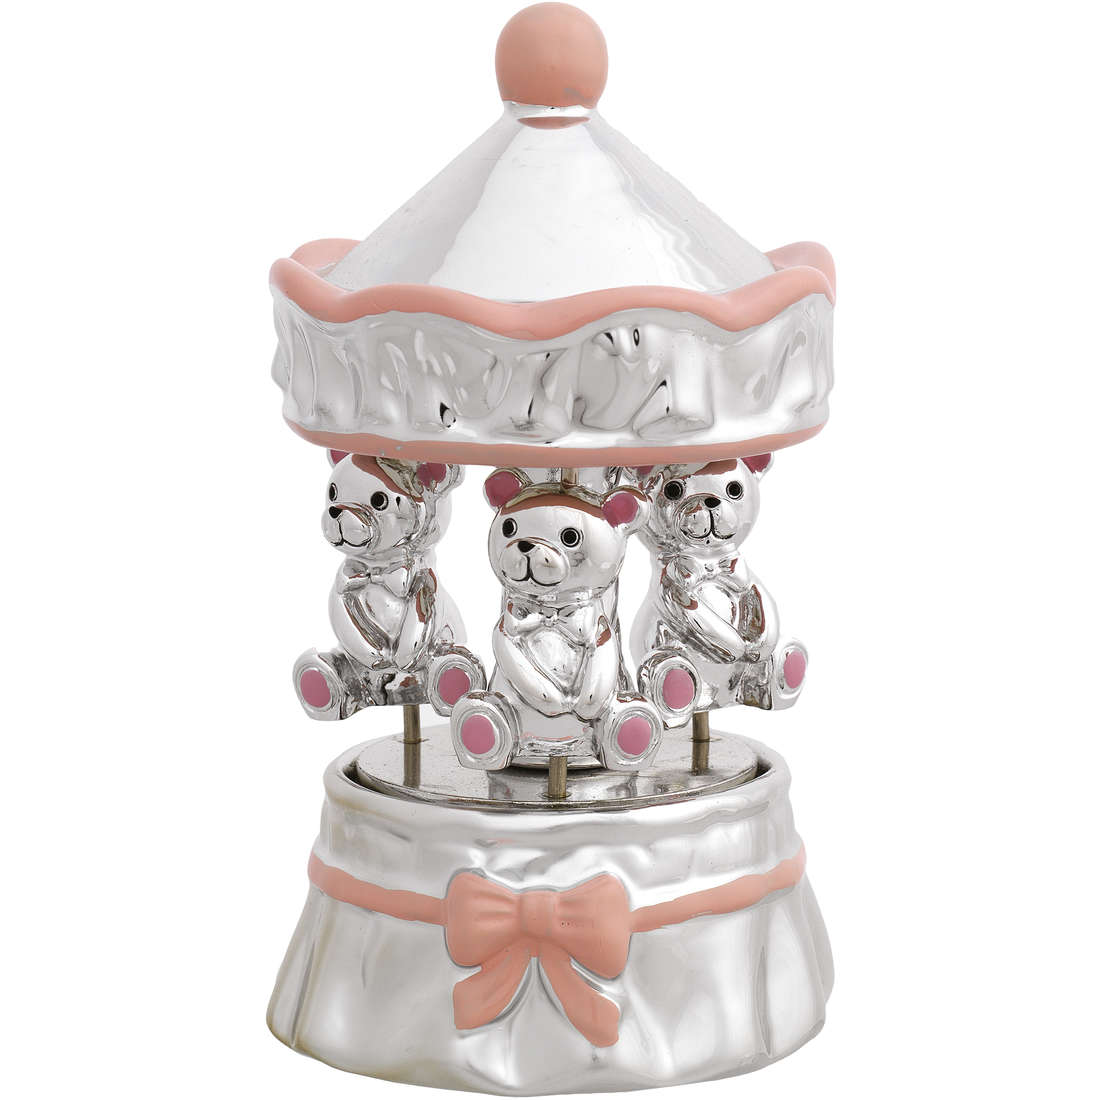 accessori neonato Bagutta Baguttino B 4171-03 R